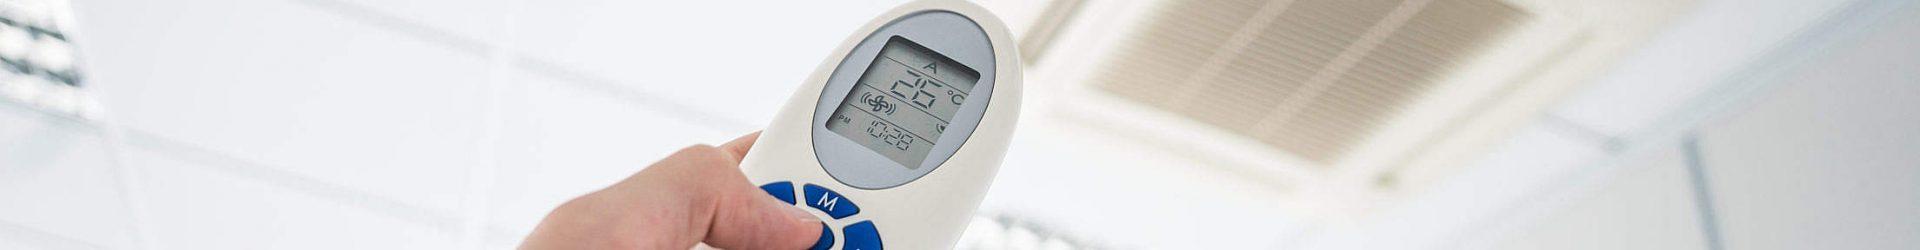 Domotizzare un condizionatore tradizionale con Broadlink e Home Assistant